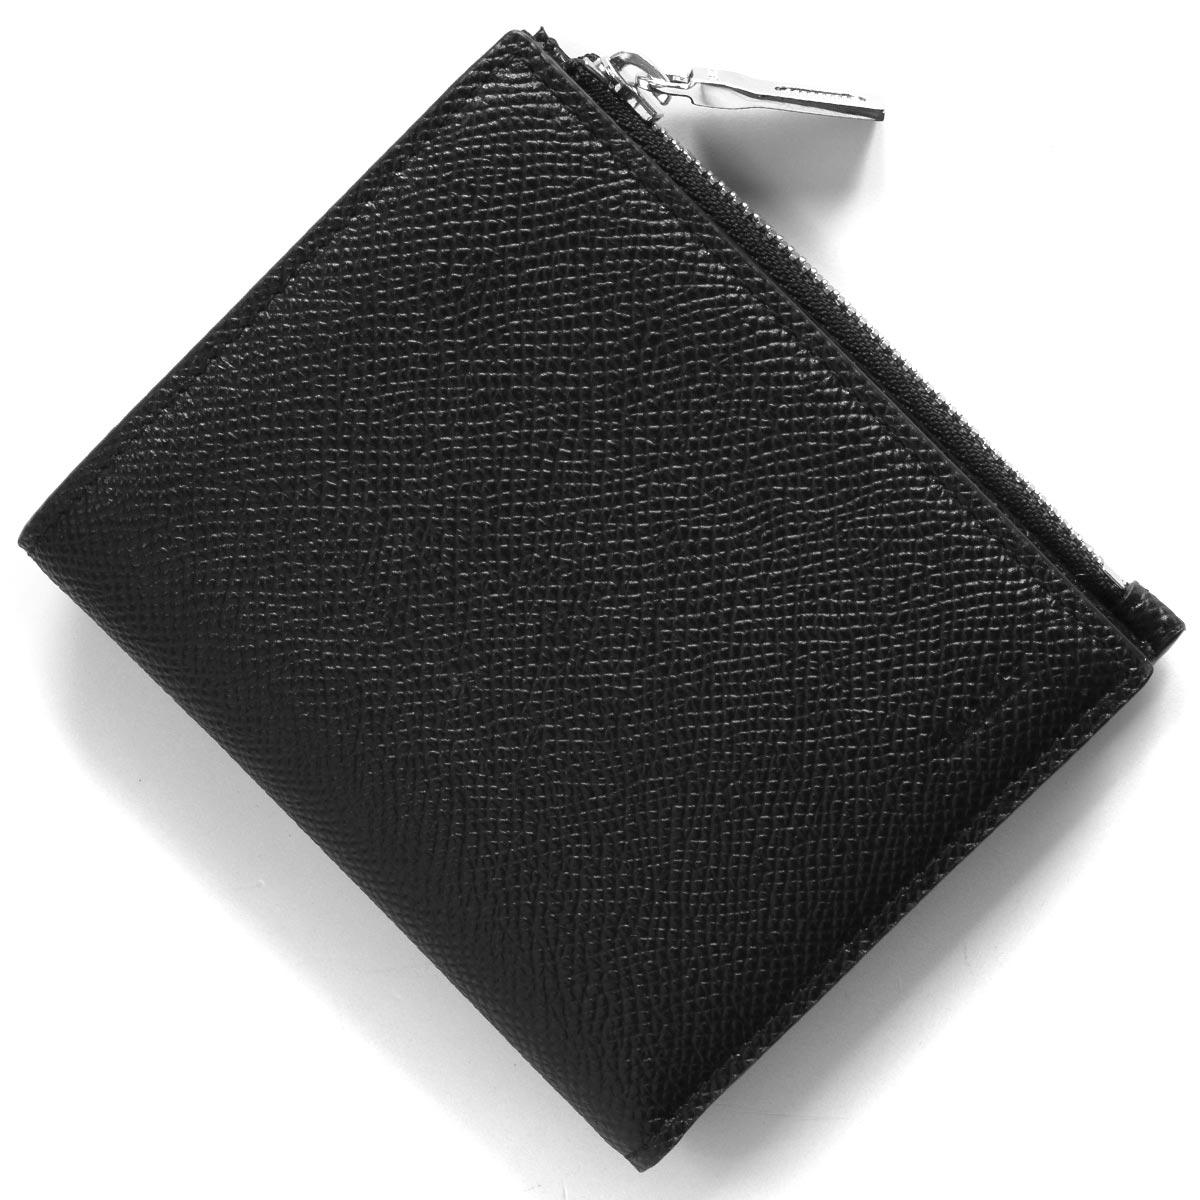 バリー 二つ折り財布 財布 メンズ バナー ブラック&レッド BUNNER B 216 6228998 BALLY